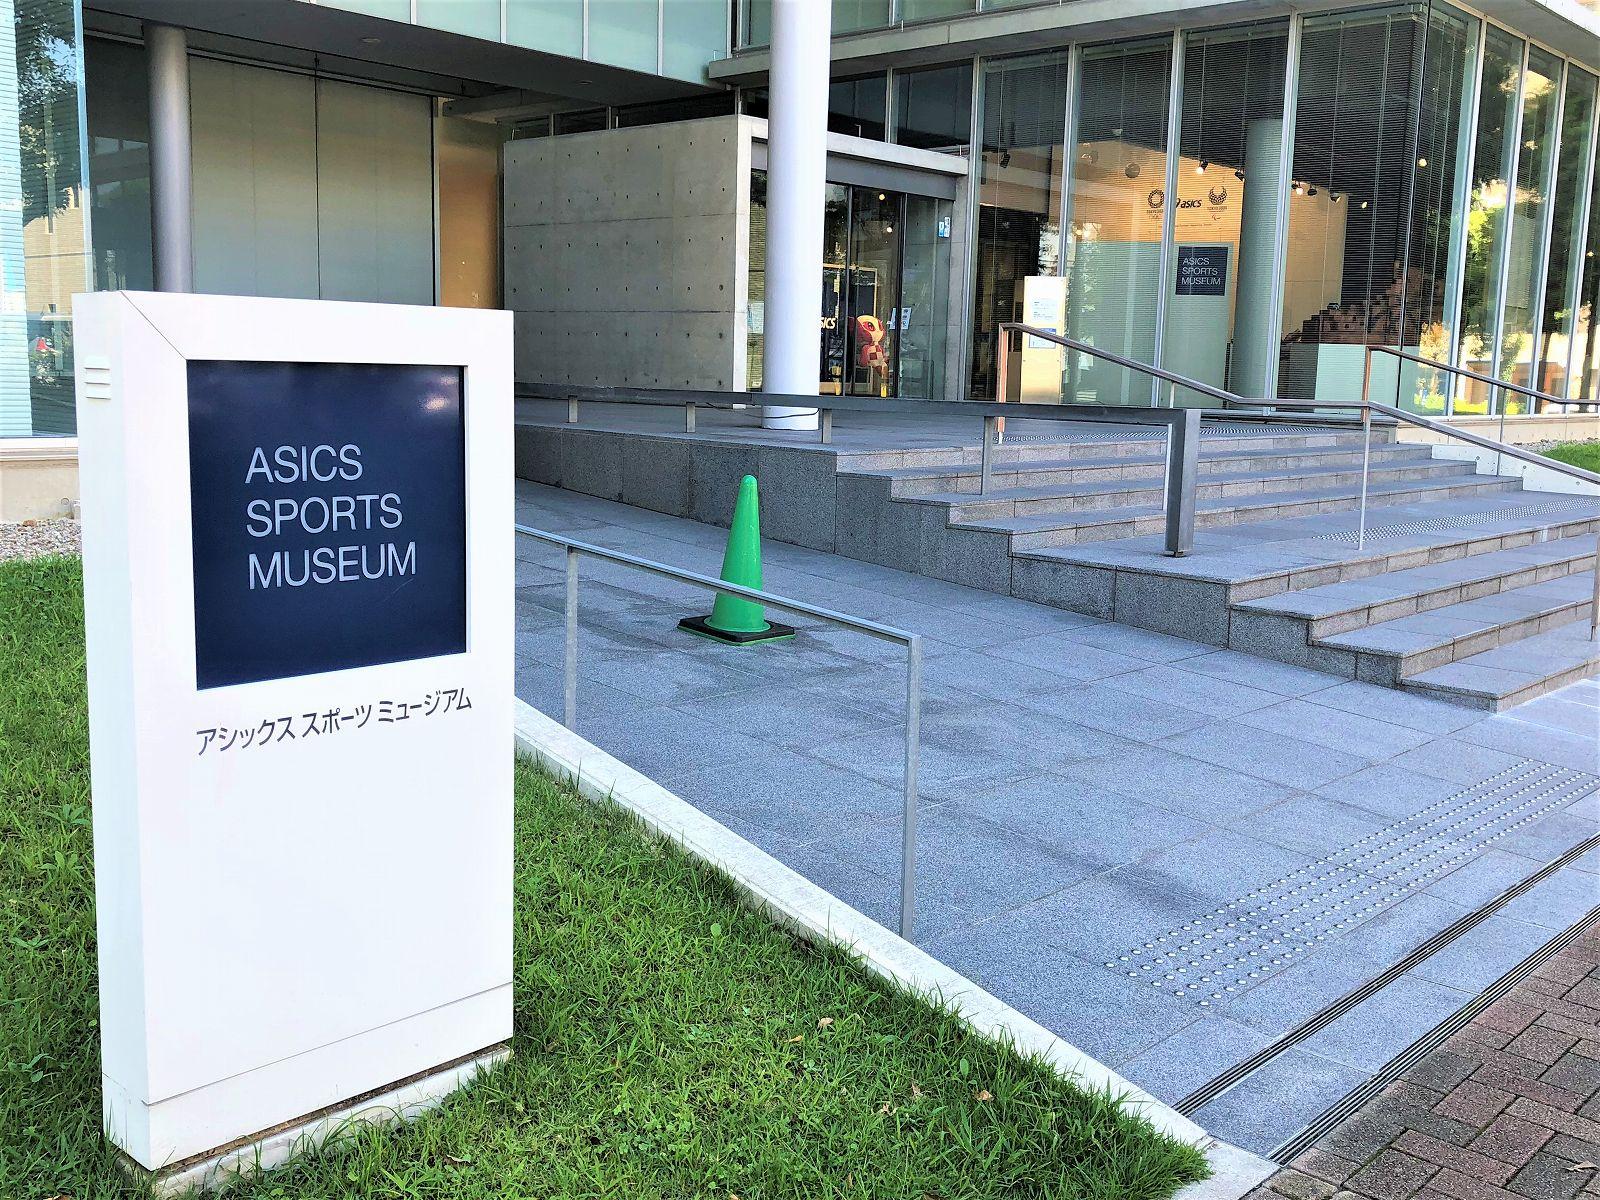 神戸・ポートアイランドにある「アシックス スポーツミュージアム」で体感してきた! #ASICS #アシックス #アシックススポーツミュージアム #企業博物館